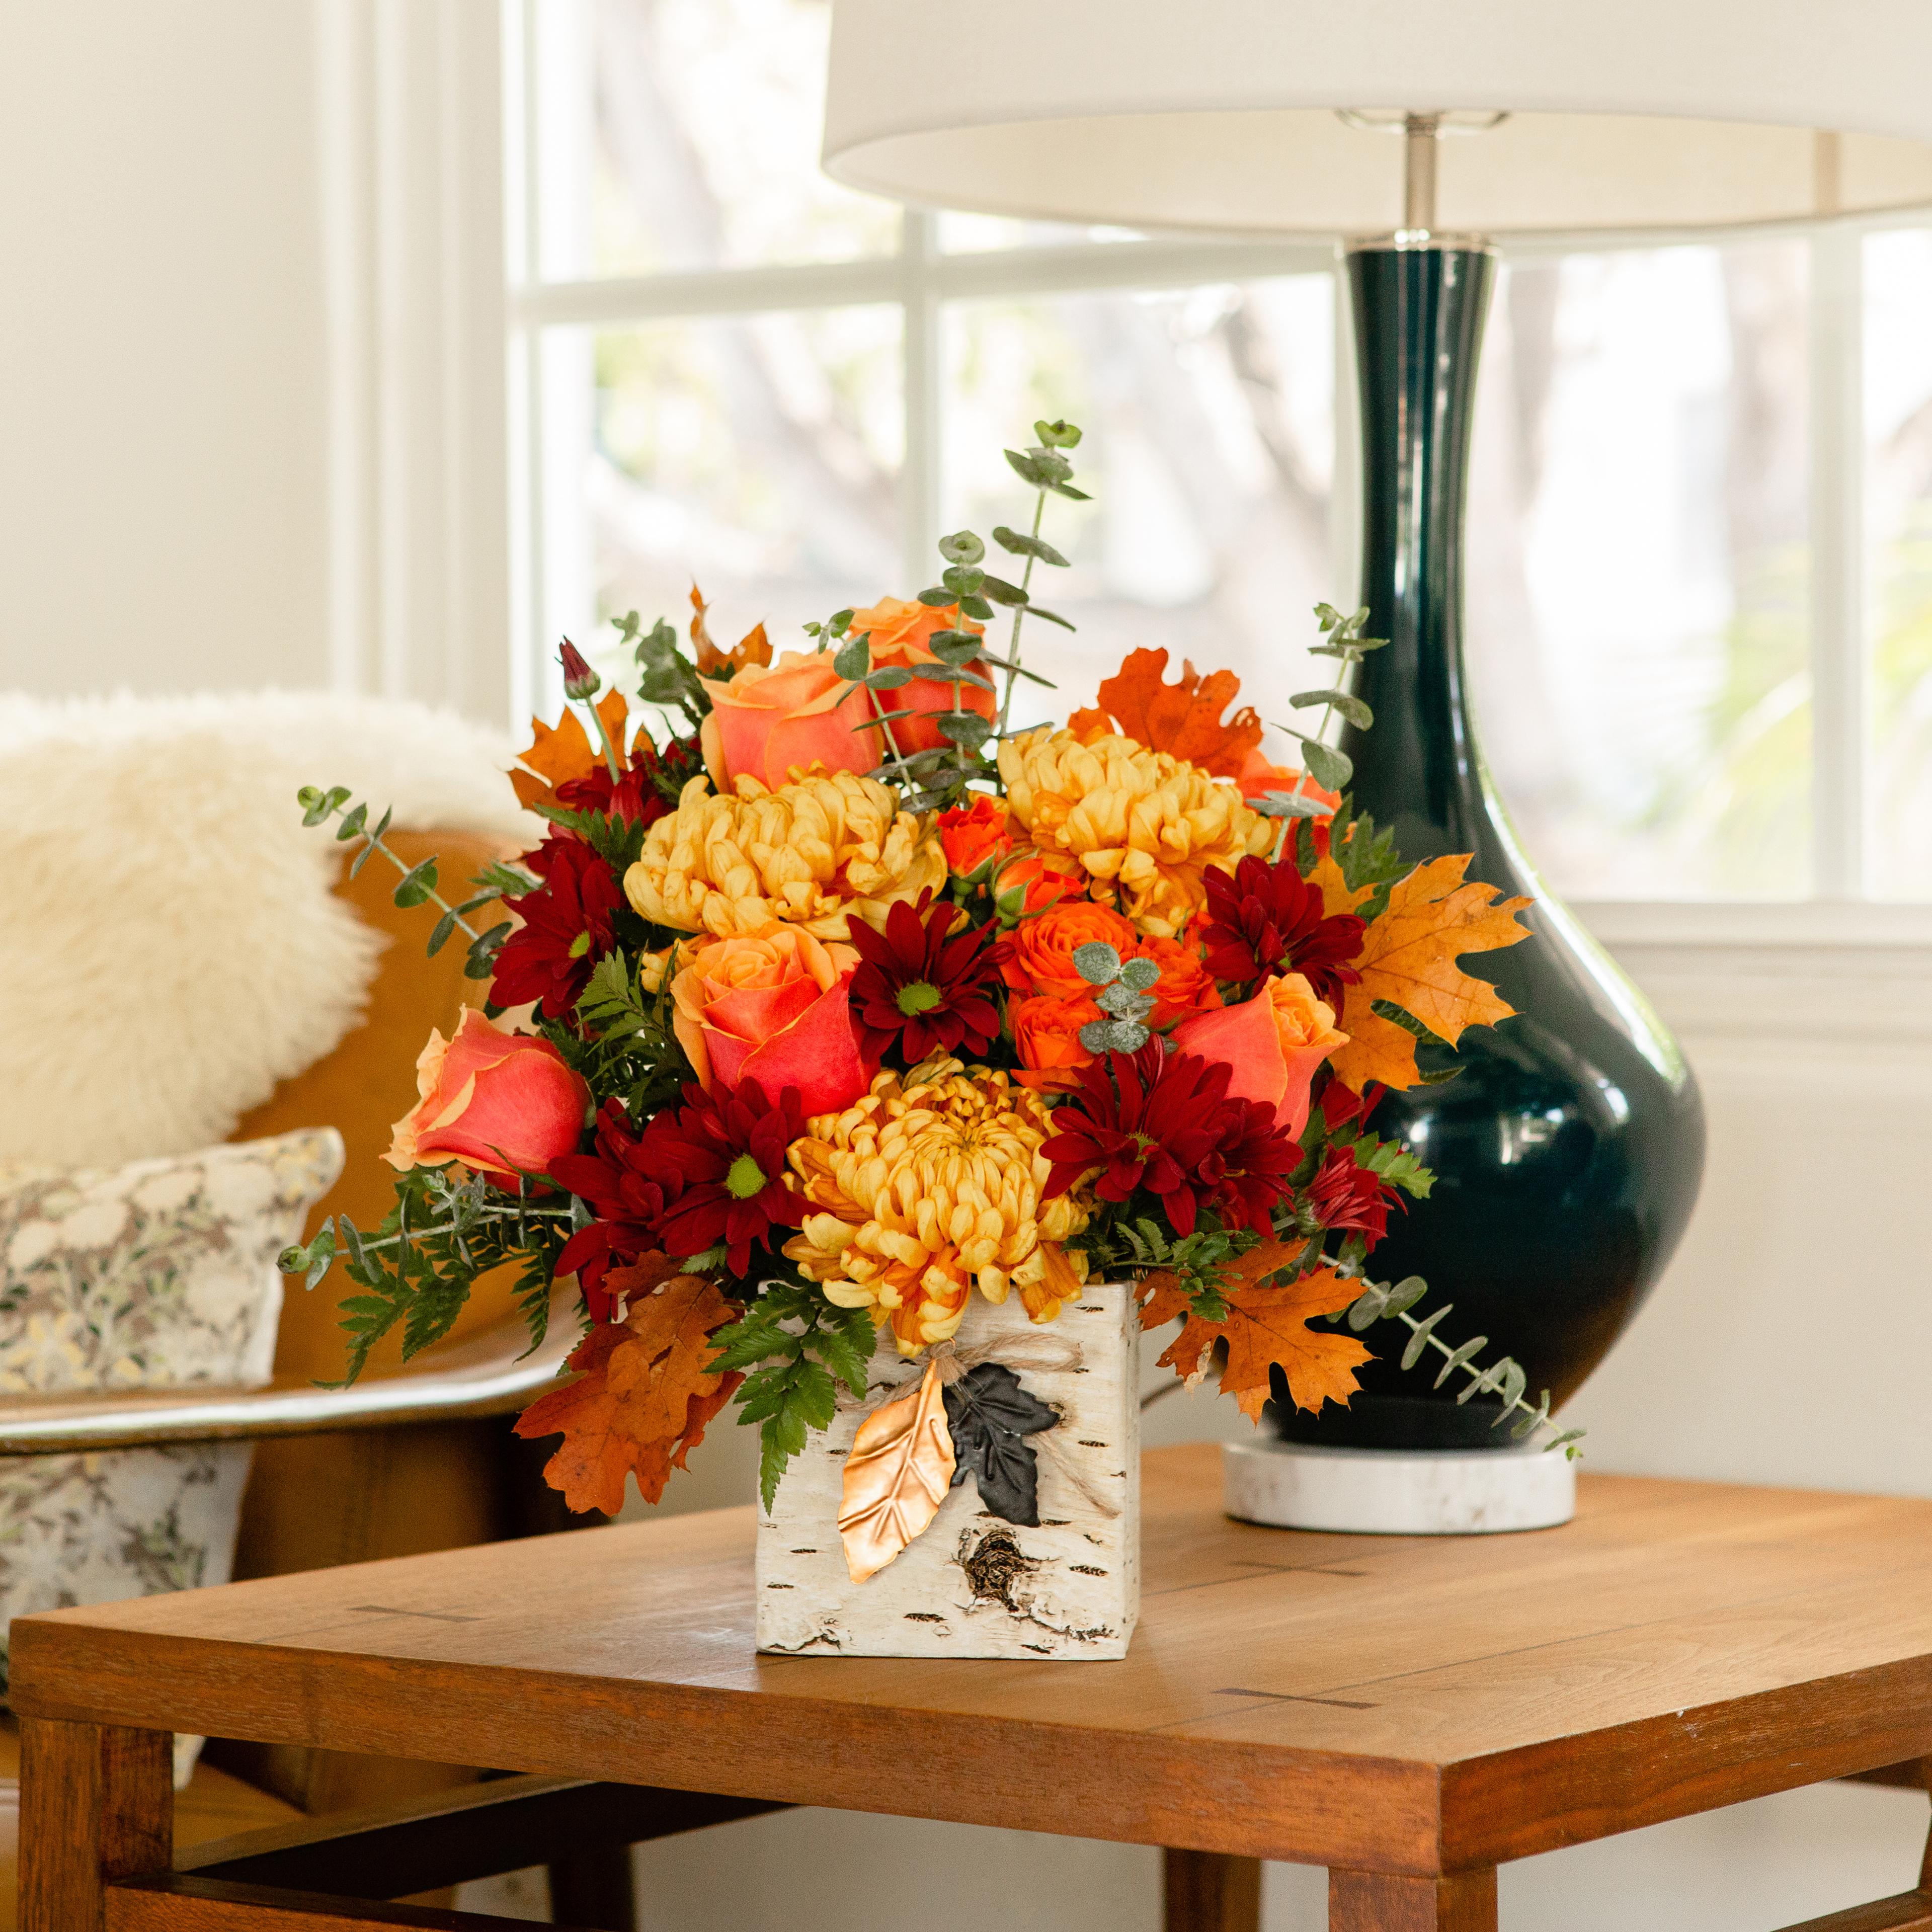 Composition Florale Centre De Table Automne fleurs de magnifique automne qui apportent octobre � l